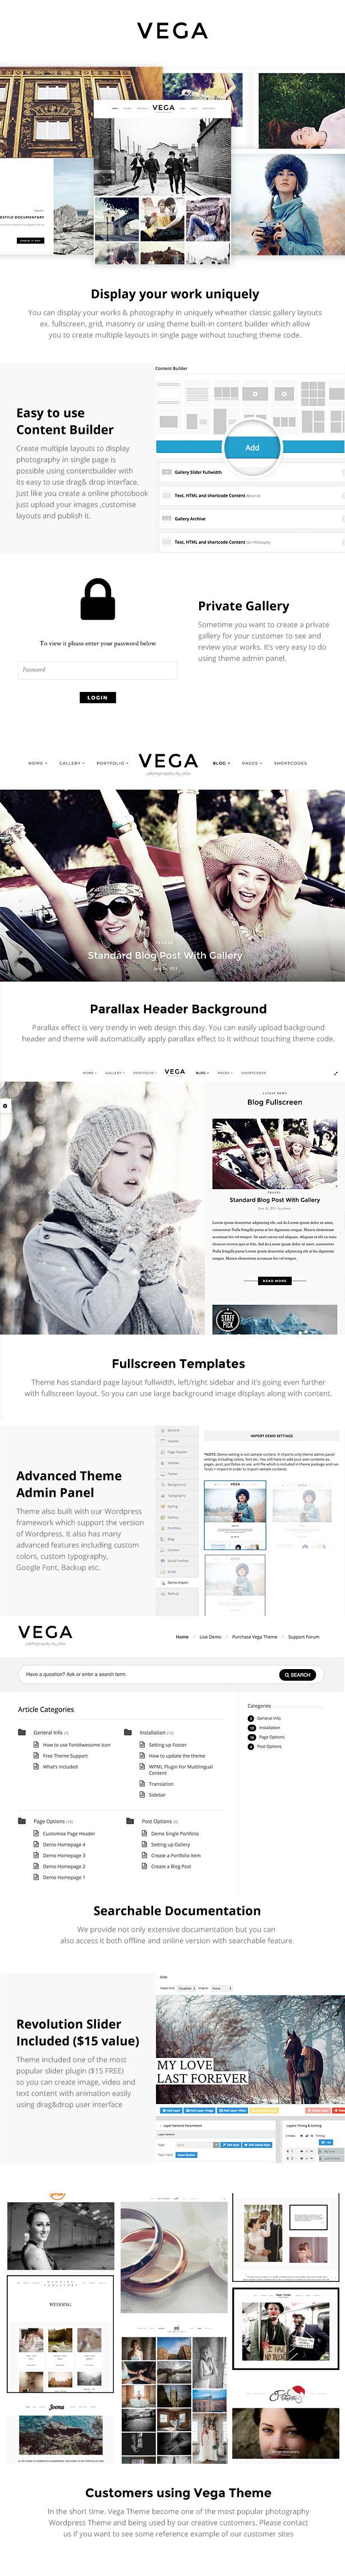 VegaFeatures3 - Vega | Photography WordPress